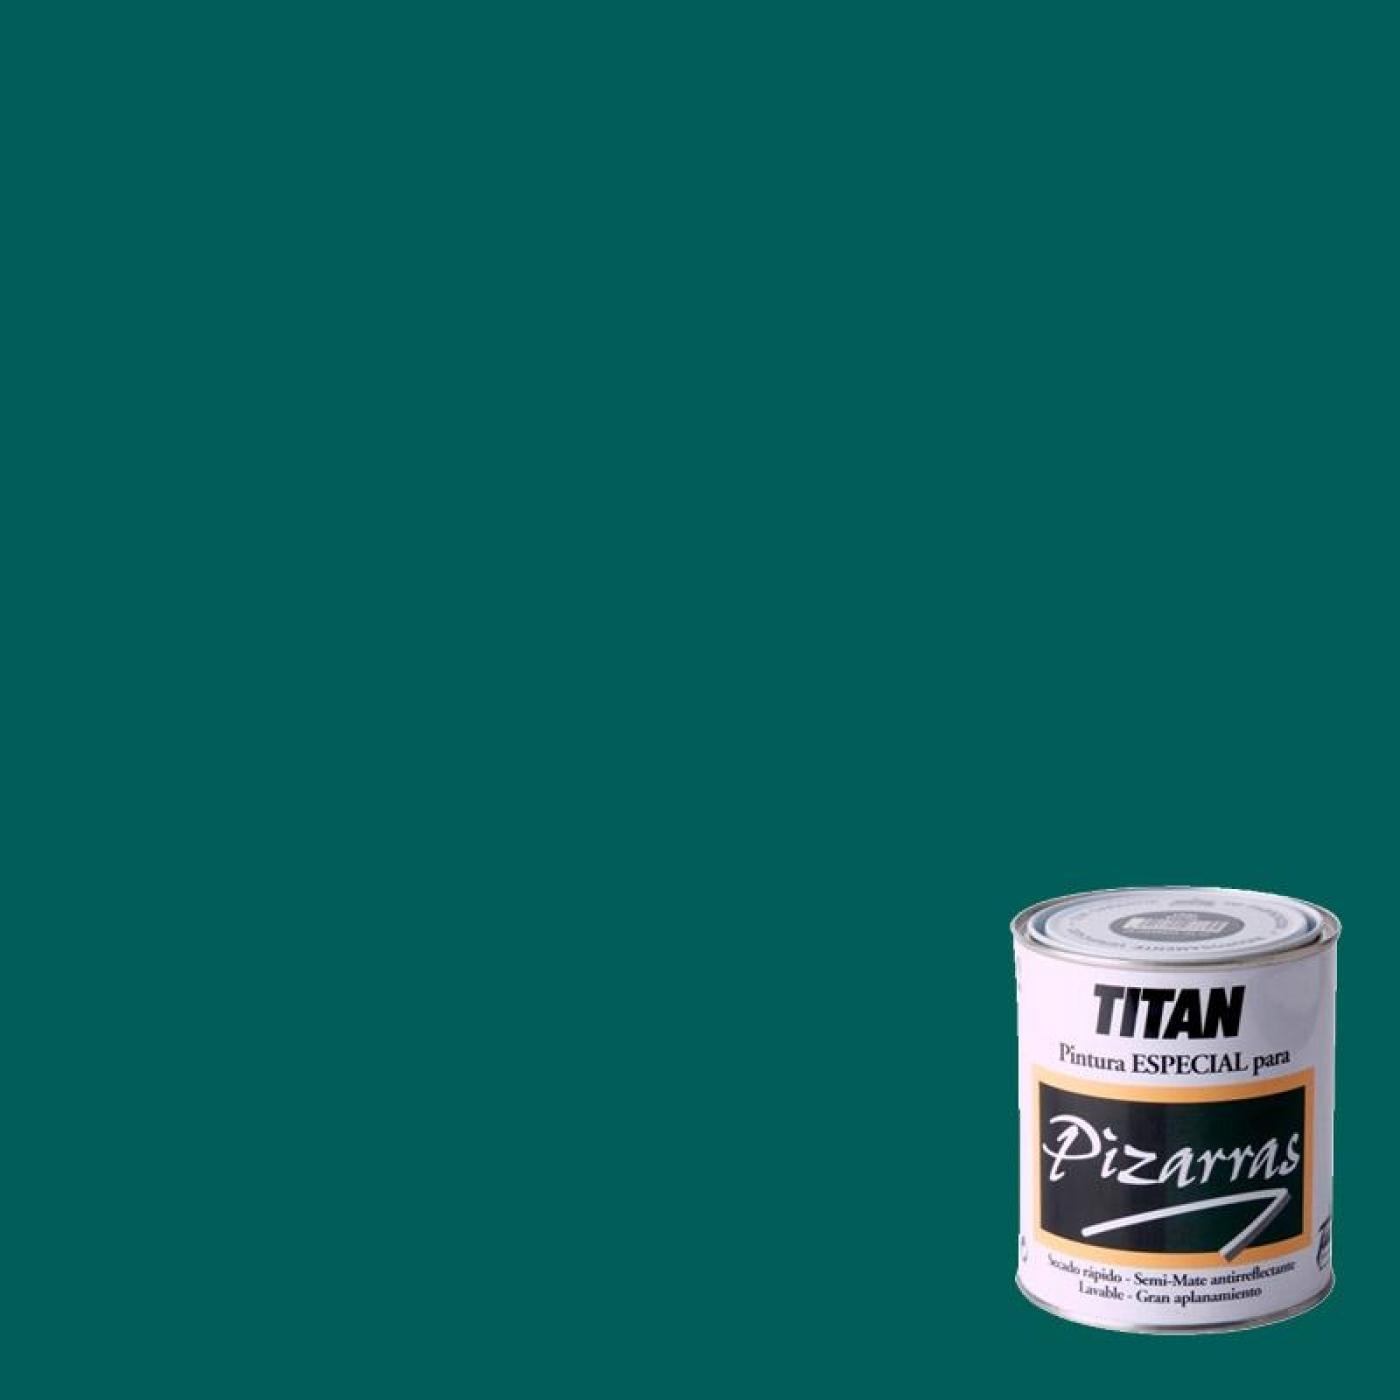 Peinture pour tableaux vert titan 750 ml par 12 96 sur for Peinture special plafond